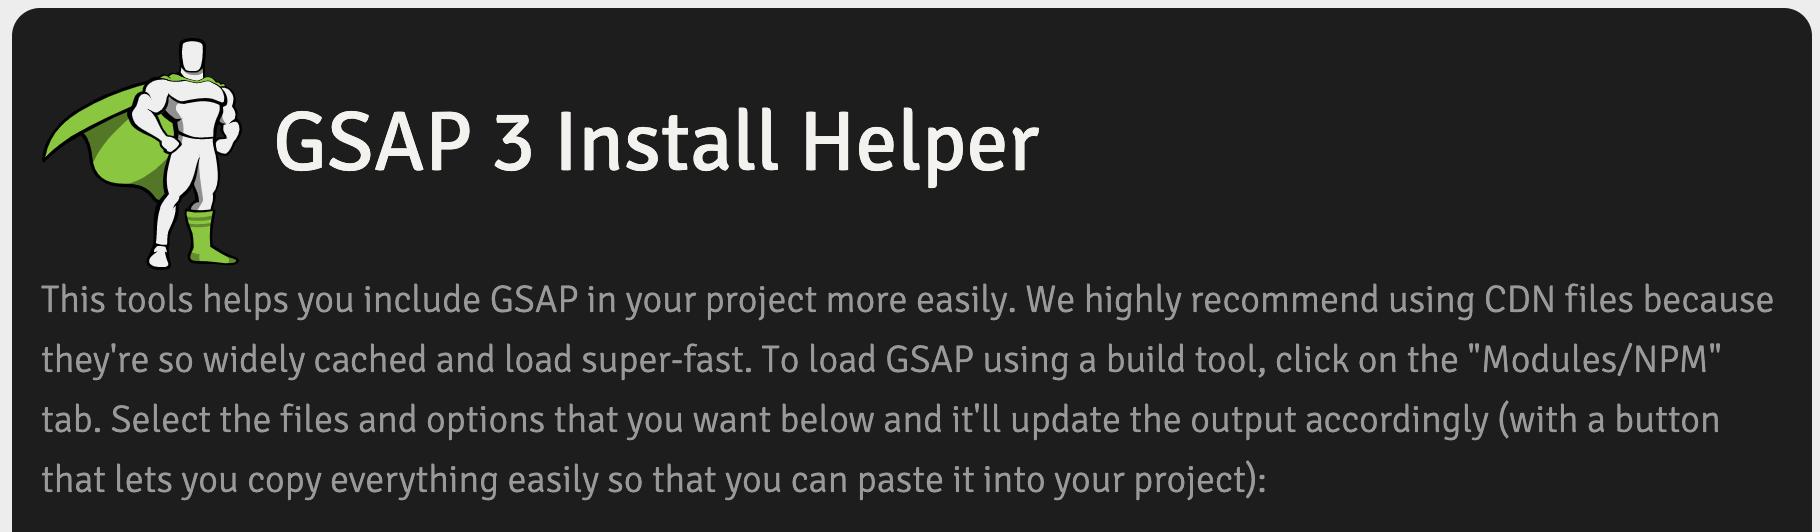 gsap-install-helper-1